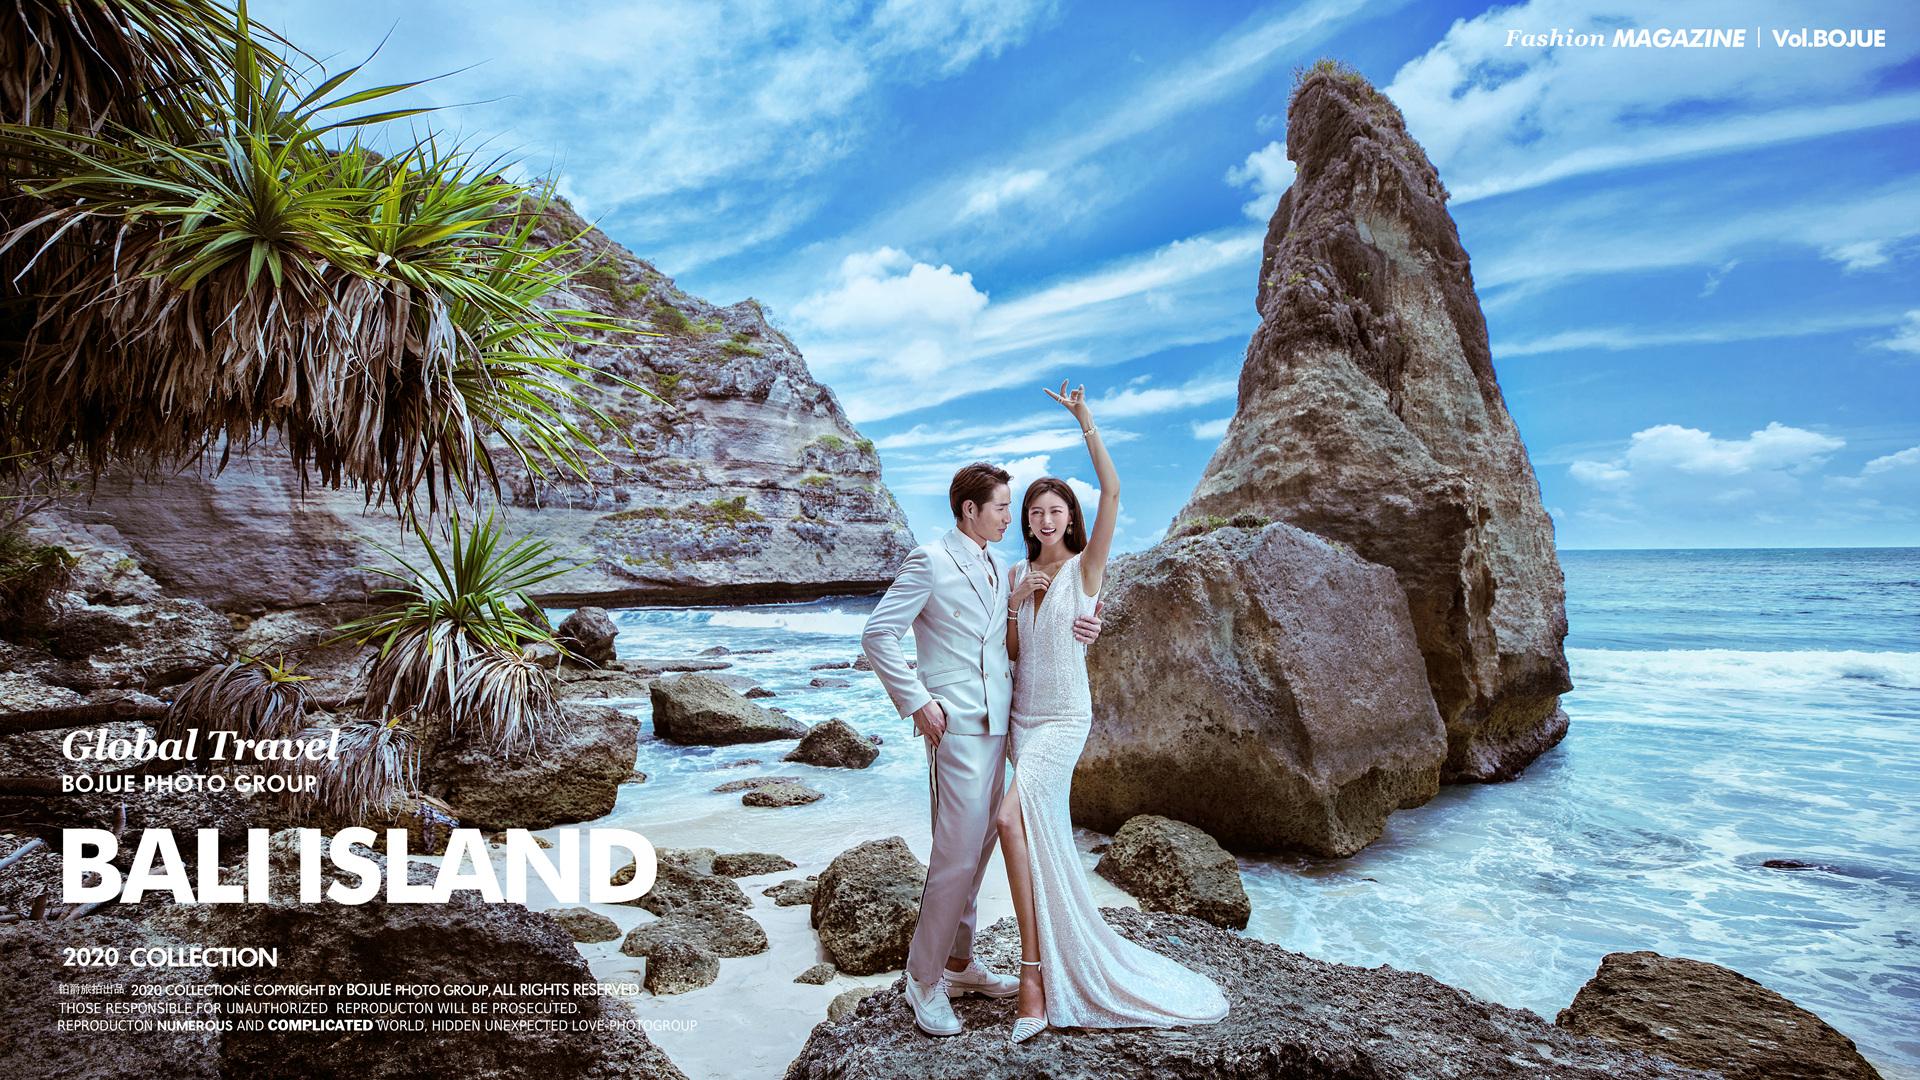 巴厘岛旅拍婚纱照几月好,要准备什么?